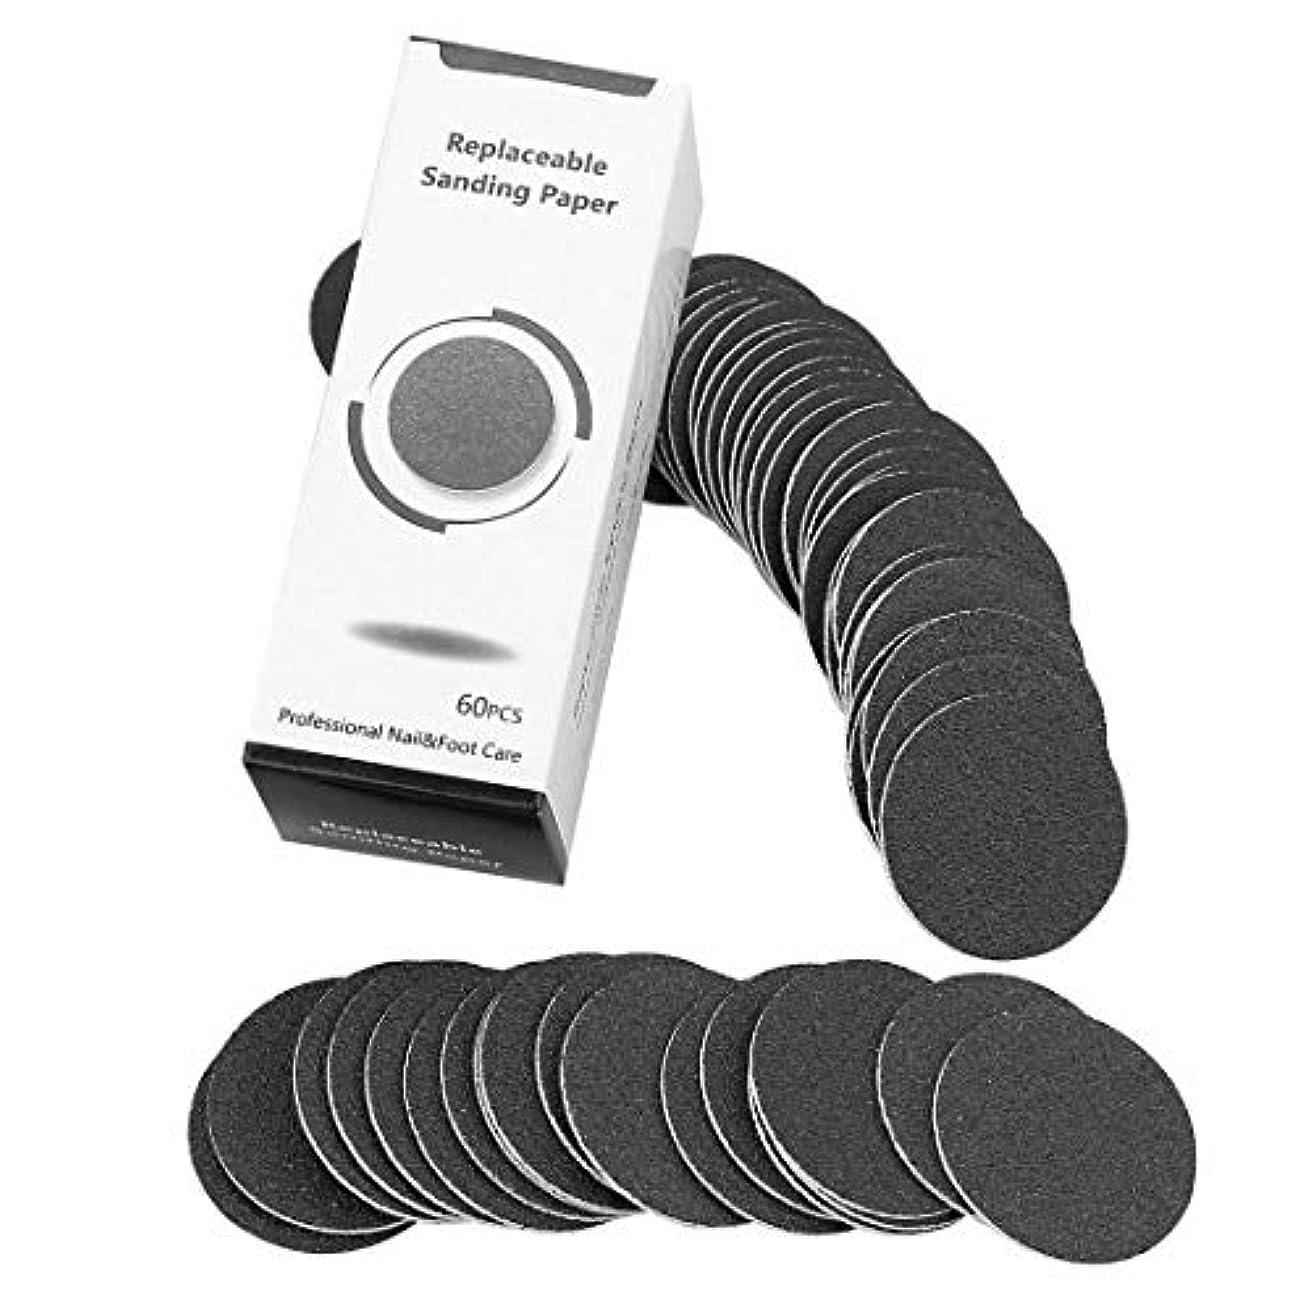 クローン計画的固めるプロヒール専用 交換用サンディングペーパー 60枚入り 角質削り (磨き紙 60枚)